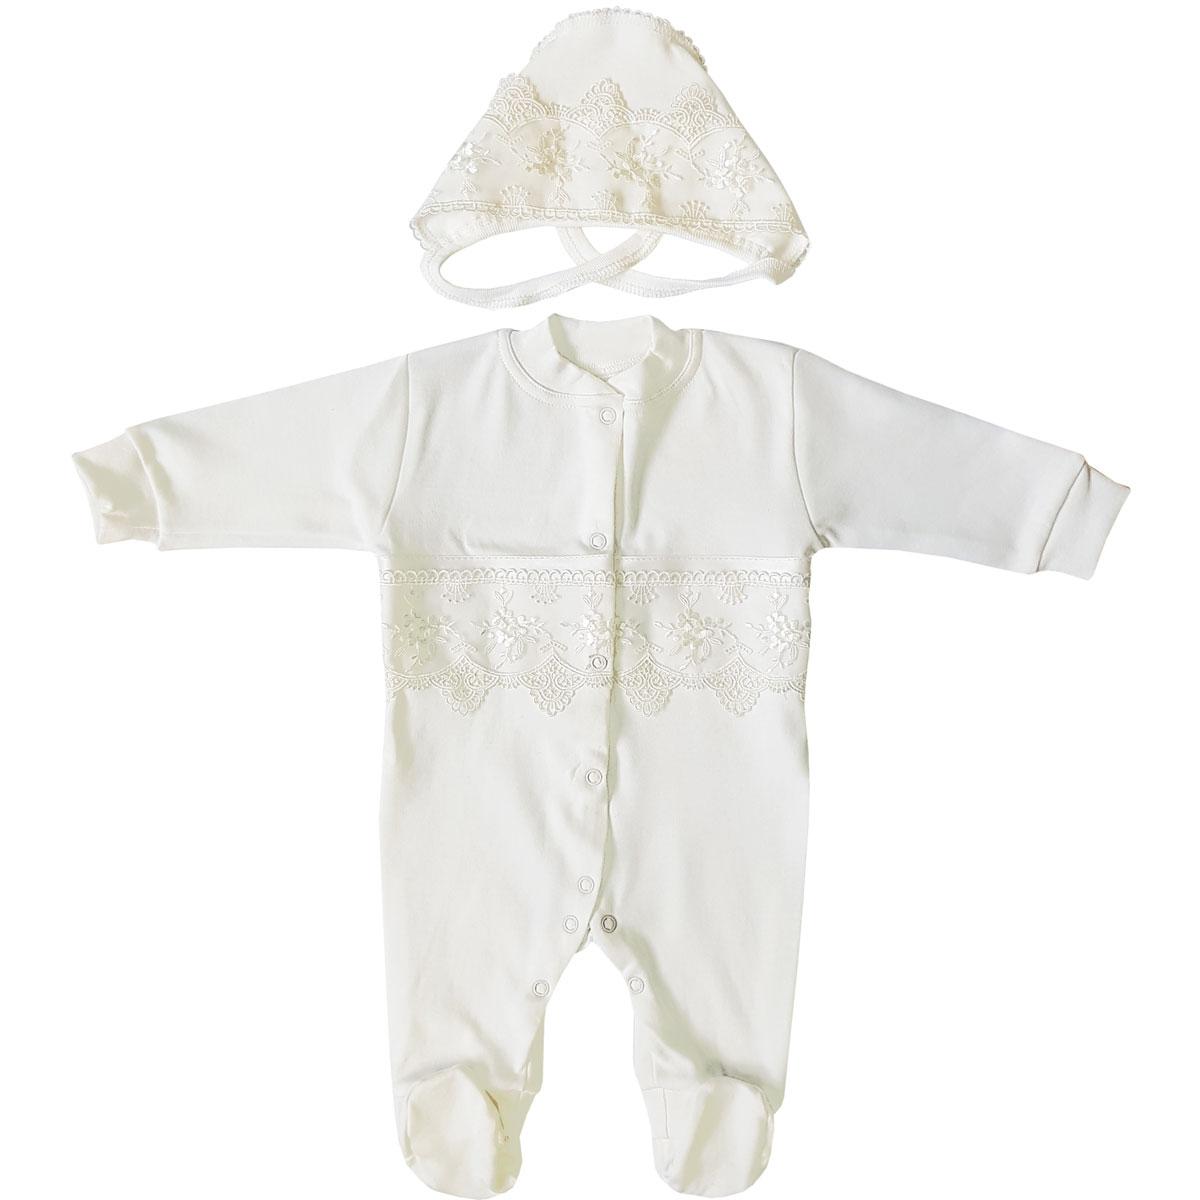 Купить Комплект на выписку Папитто 2 пр. универсальный р.56 37-5292 экрю, Комплекты для новорожденных